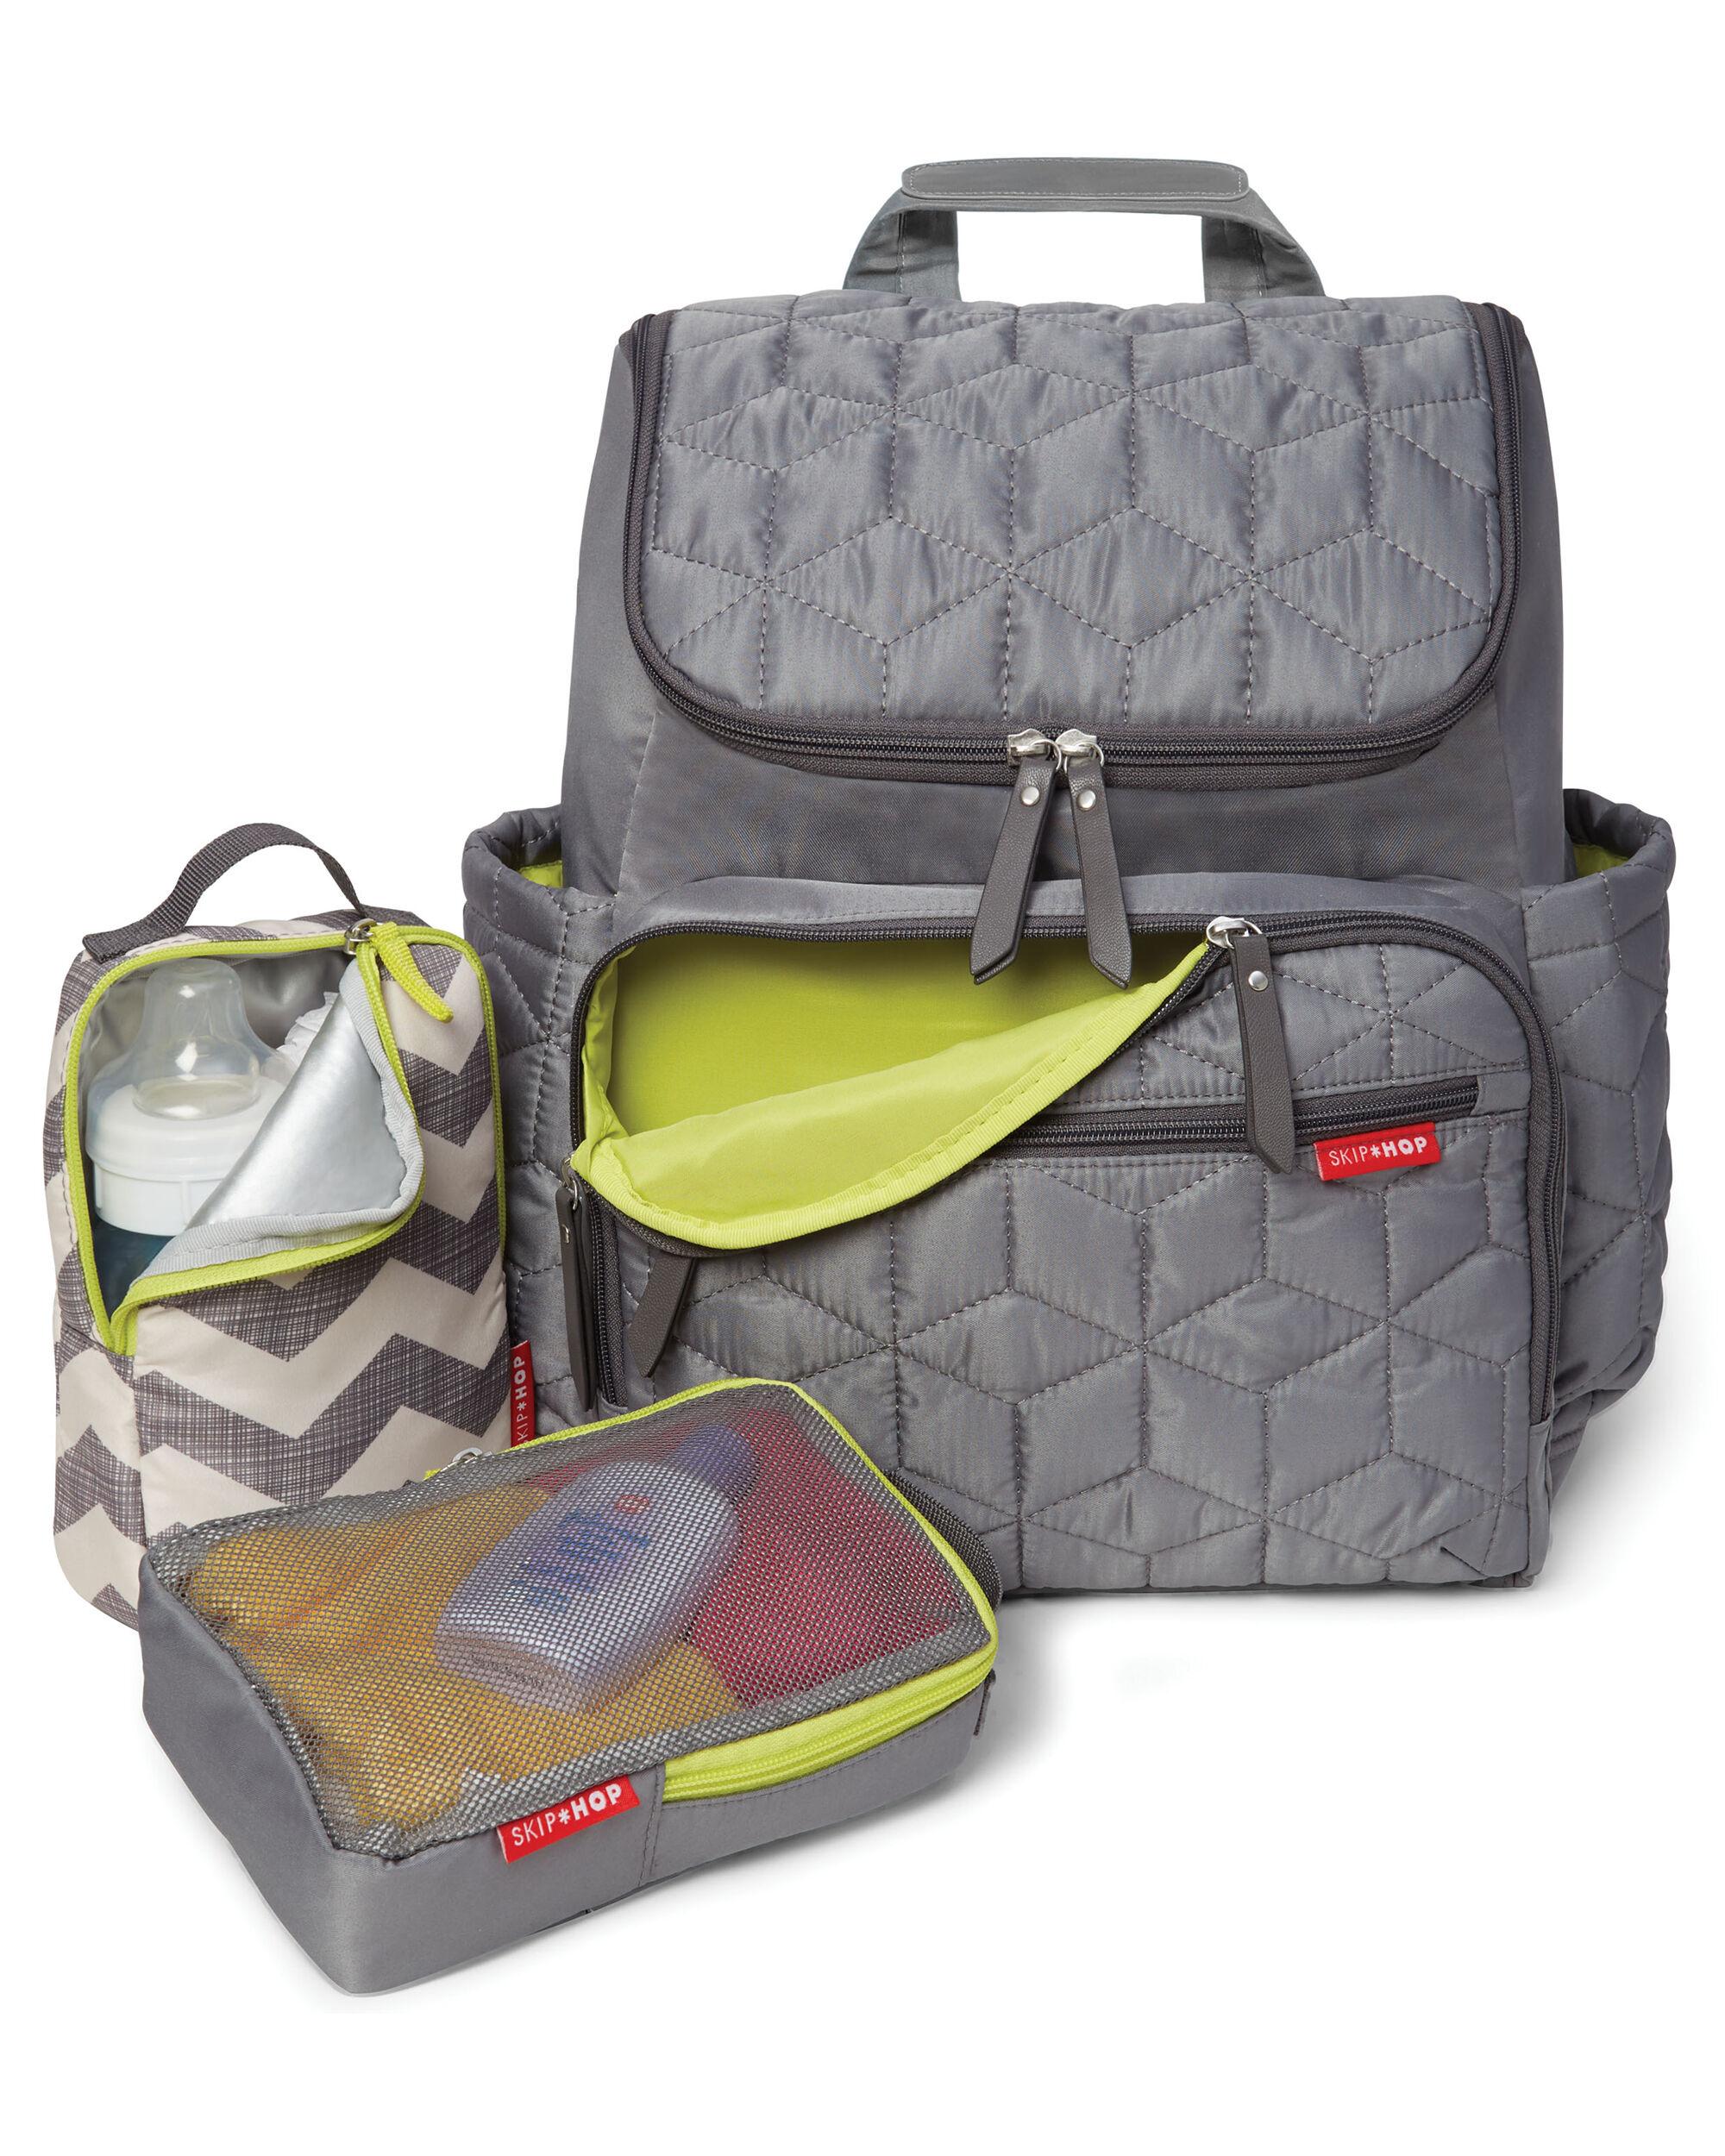 775946a1cd9 Forma Backpack Diaper Bag | Skiphop.com